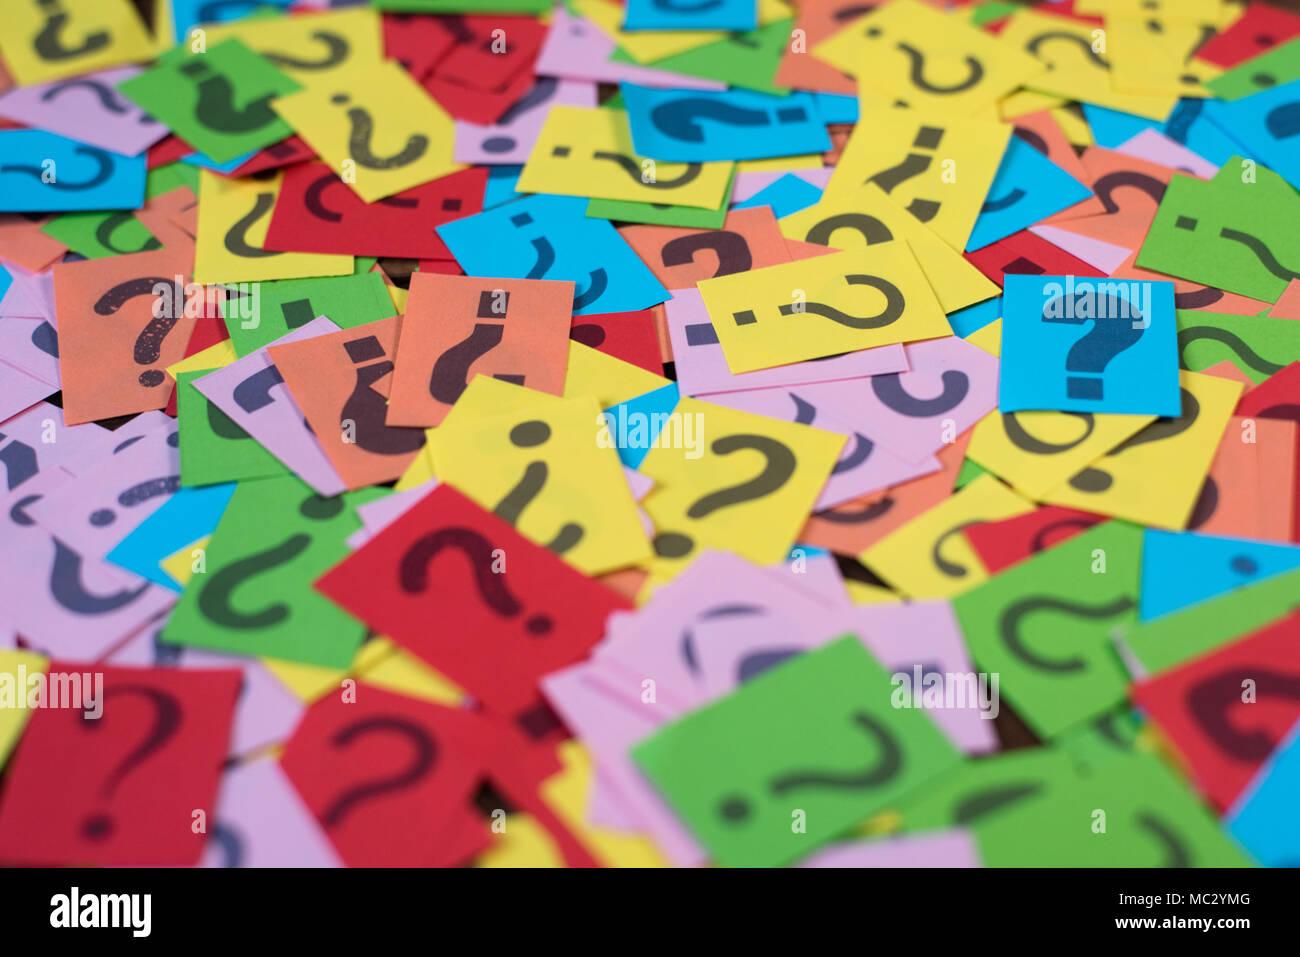 Bunte Papier mit Fragezeichen als Hintergrund. Geheimnis, Vielfalt, Fragen Konzept Stockbild